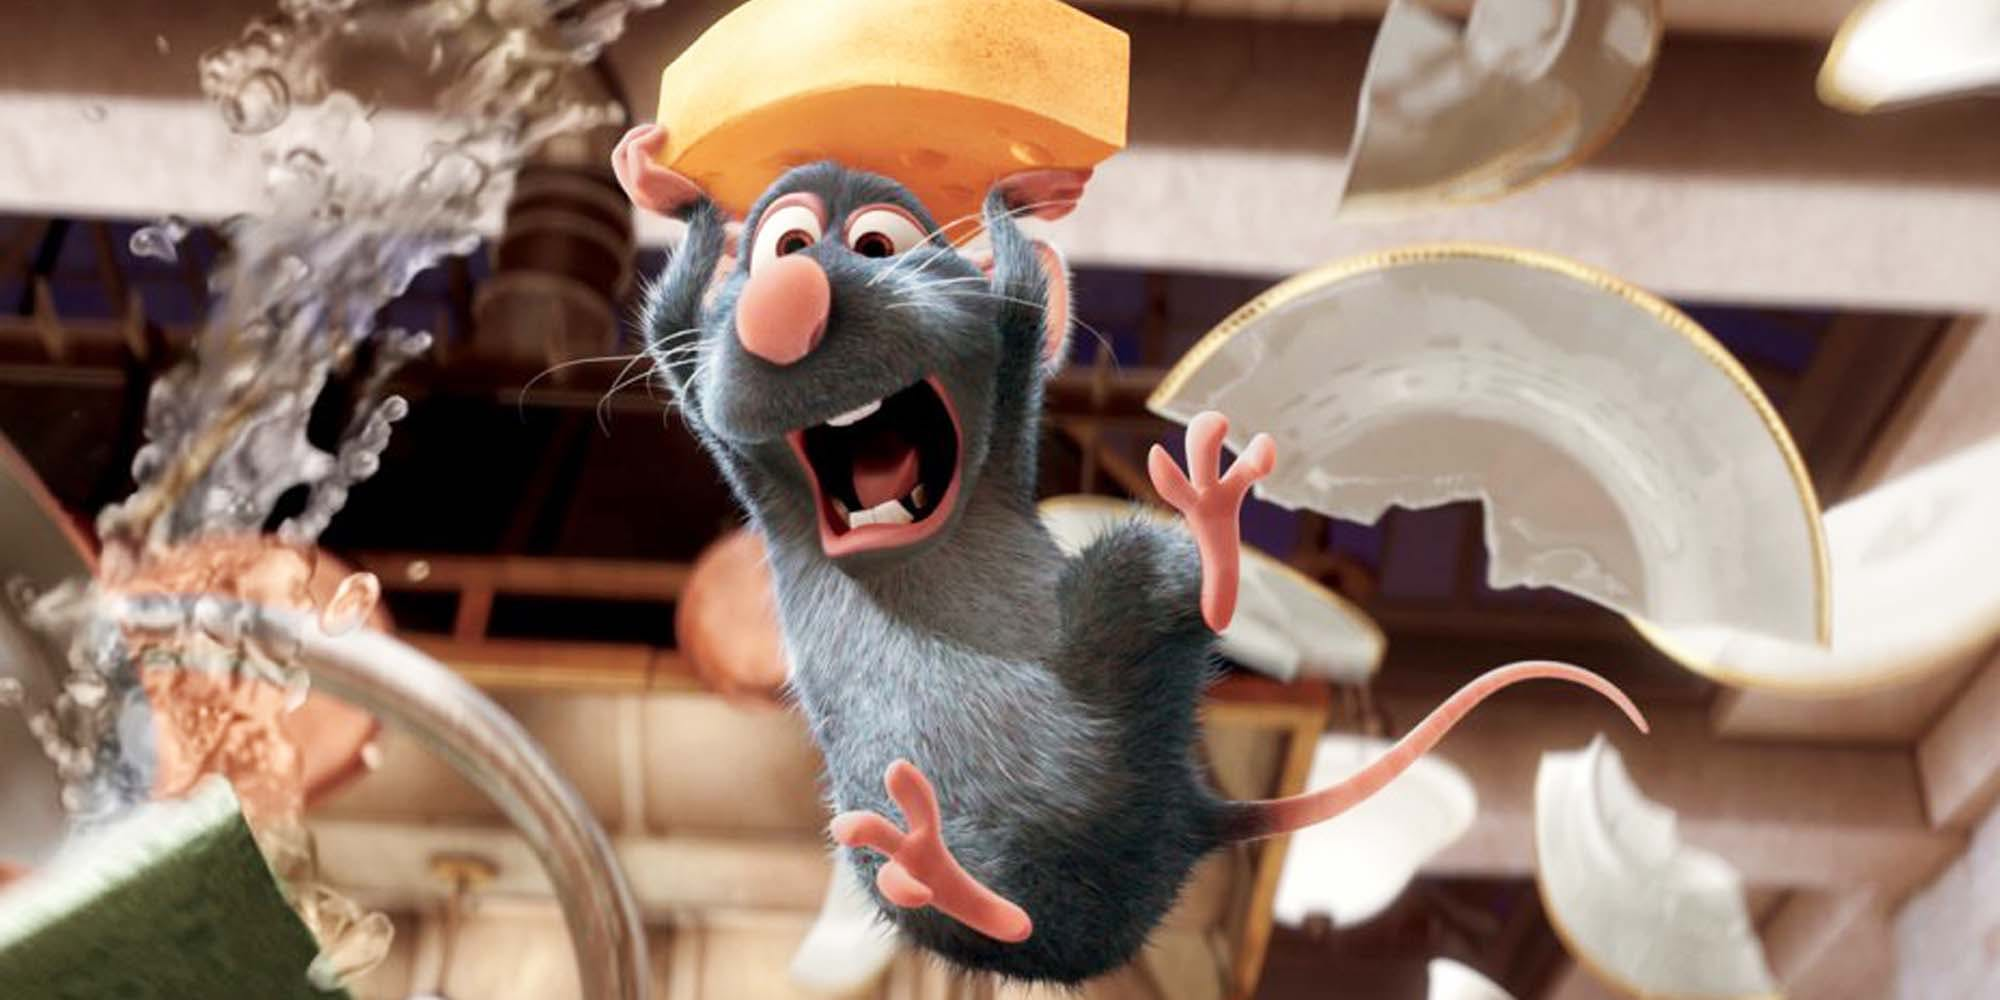 Ratatouille disney plus